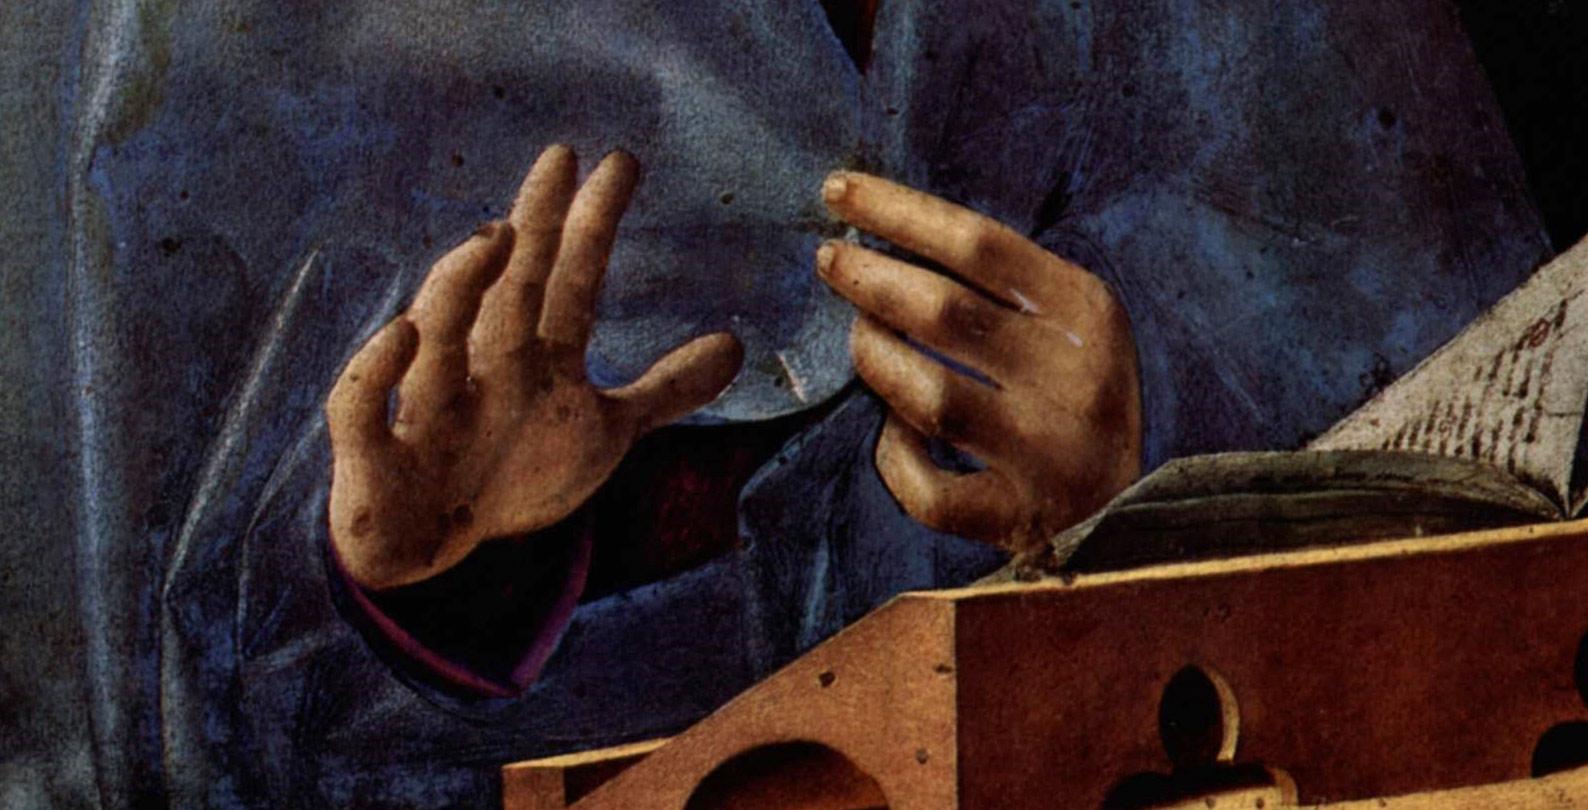 Antonello da Messina, Annunciata, Particolare delle mani